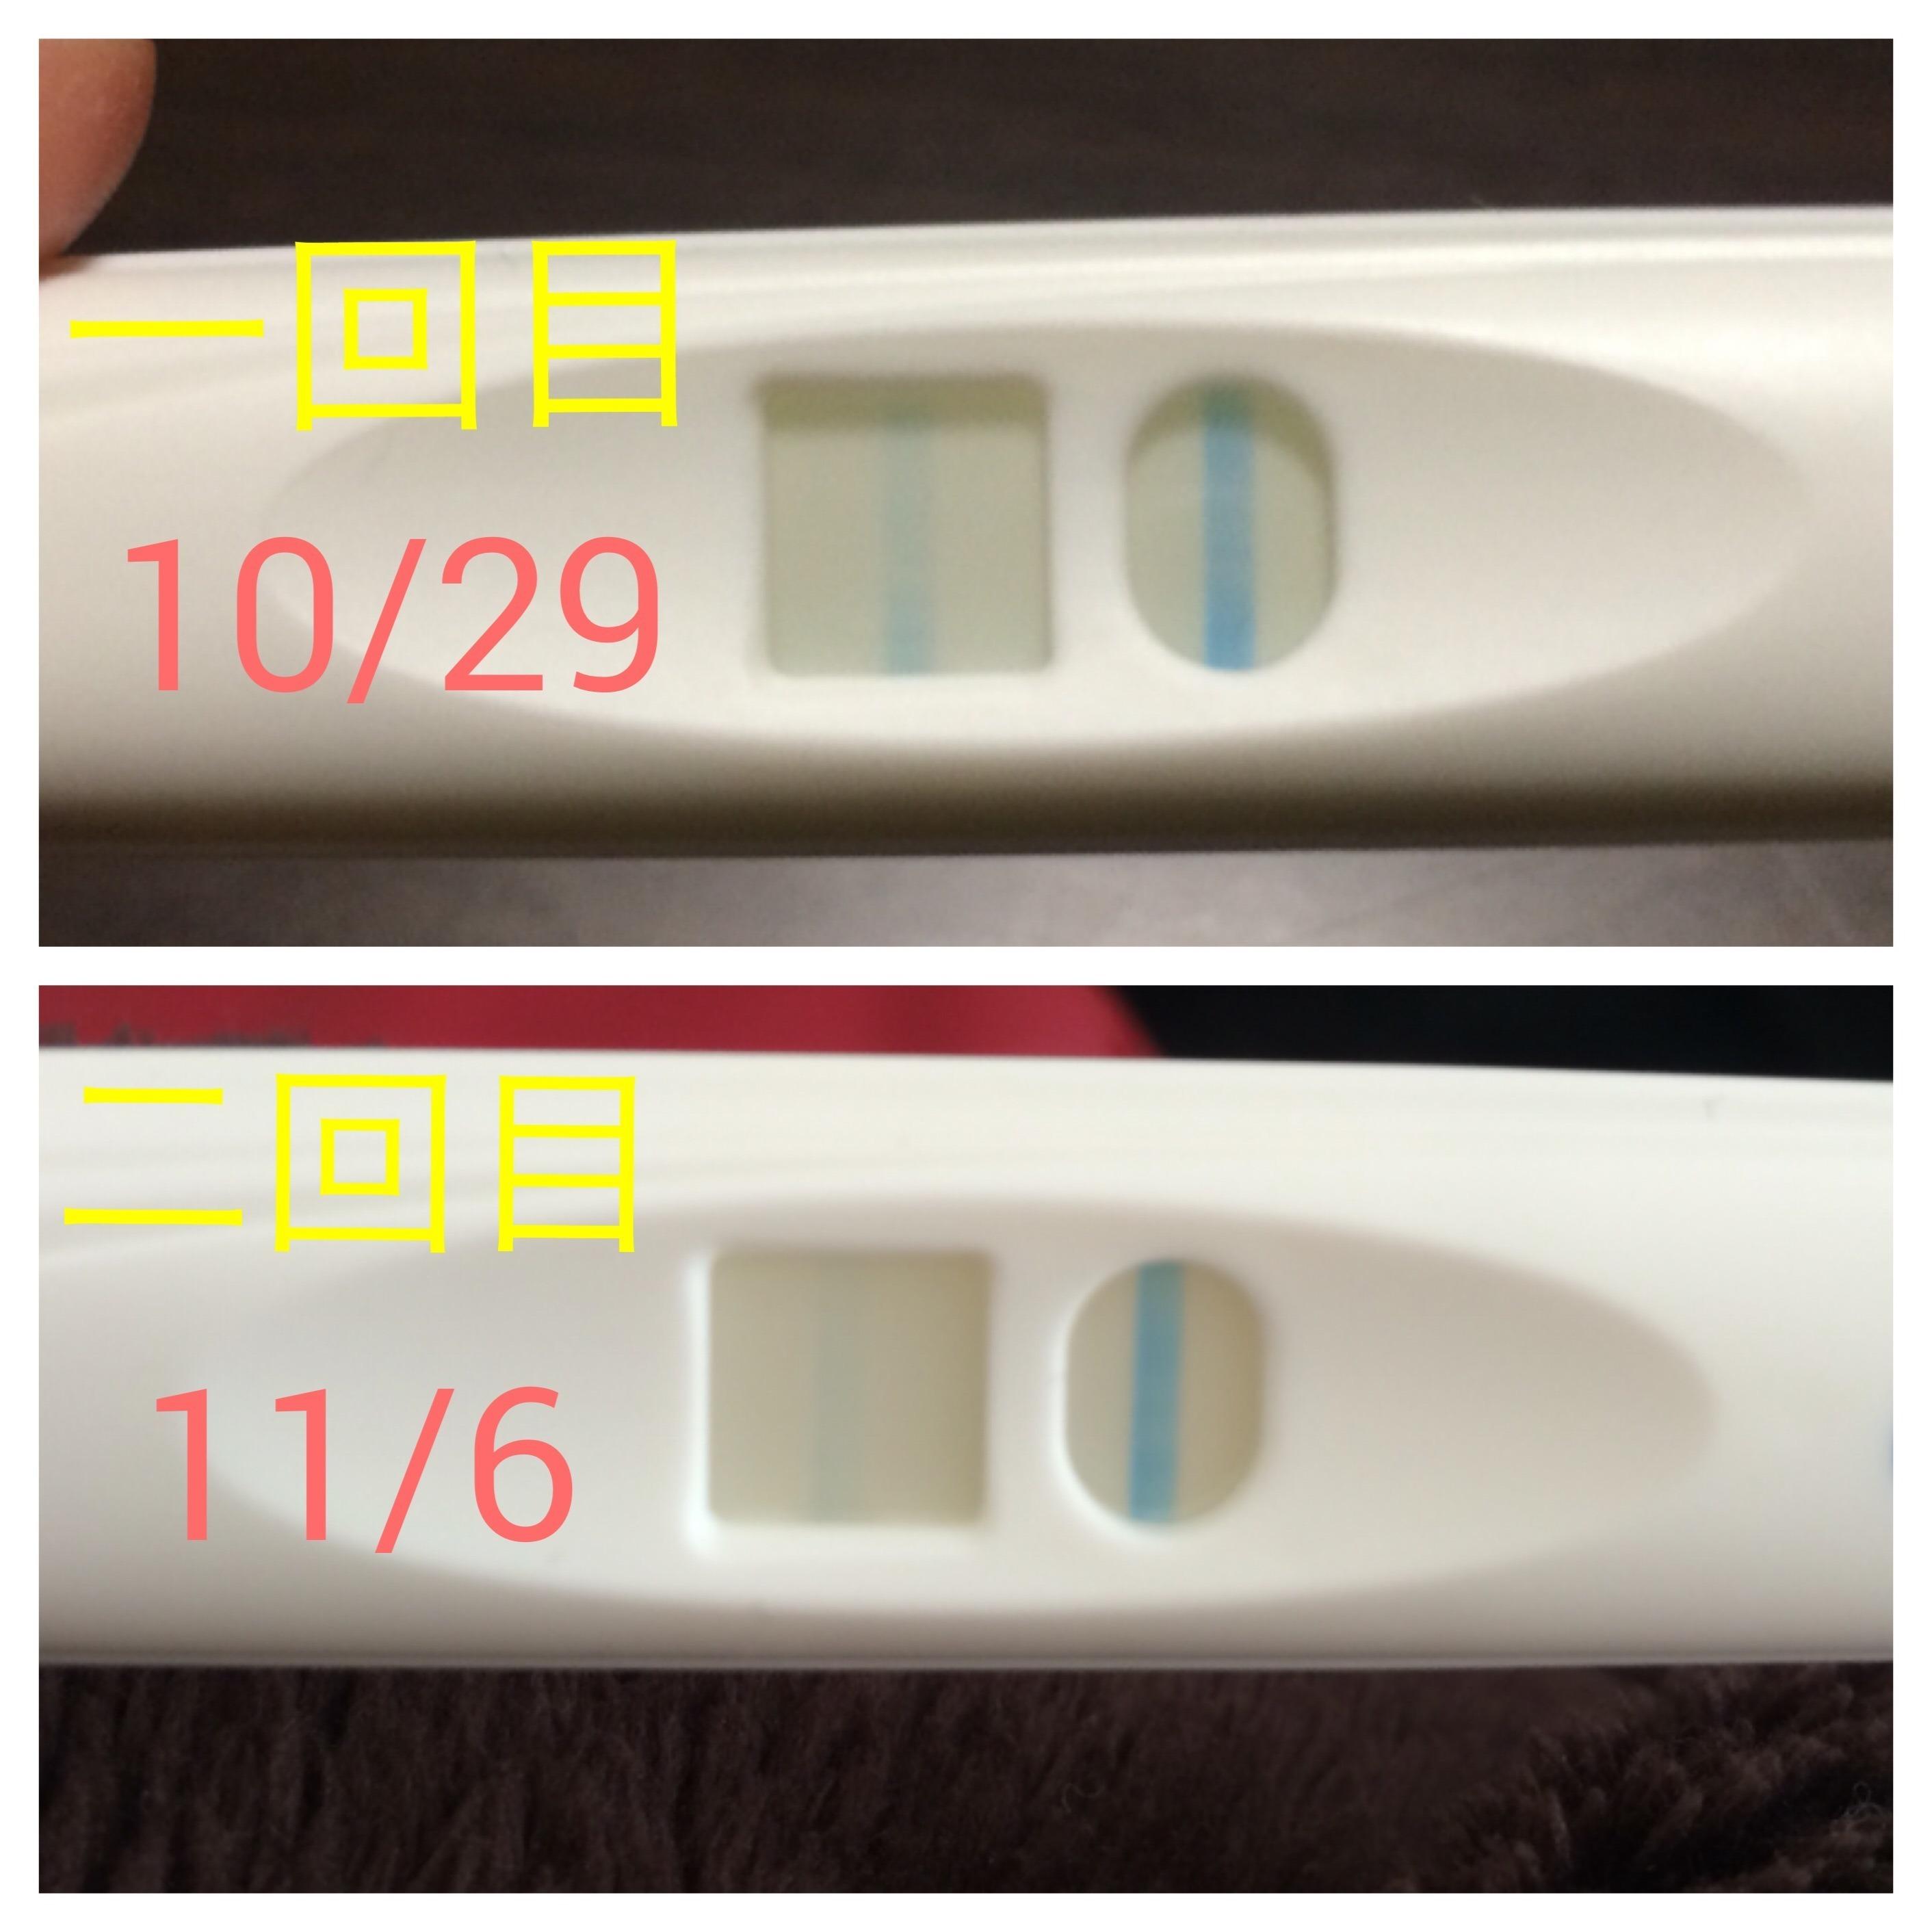 薬 使う 検査 妊娠 いつ